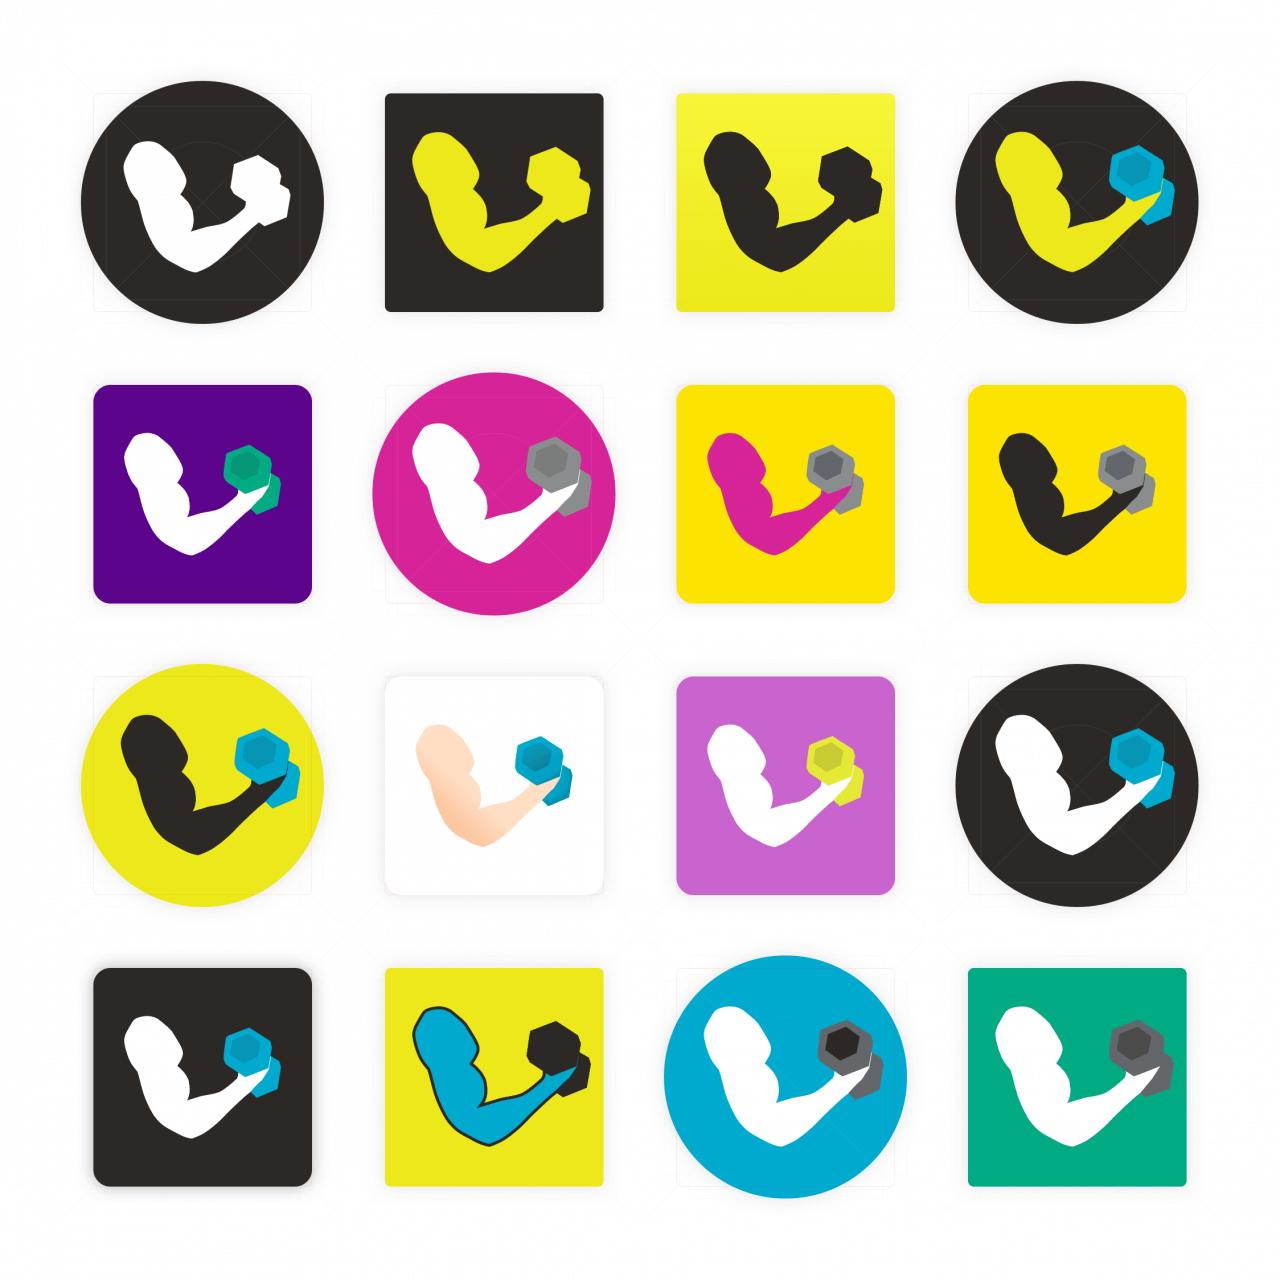 Díky smybolům a barevným stylům ve Sketch mohu snadno a rychle prozkoumat různé barevné kombinace.